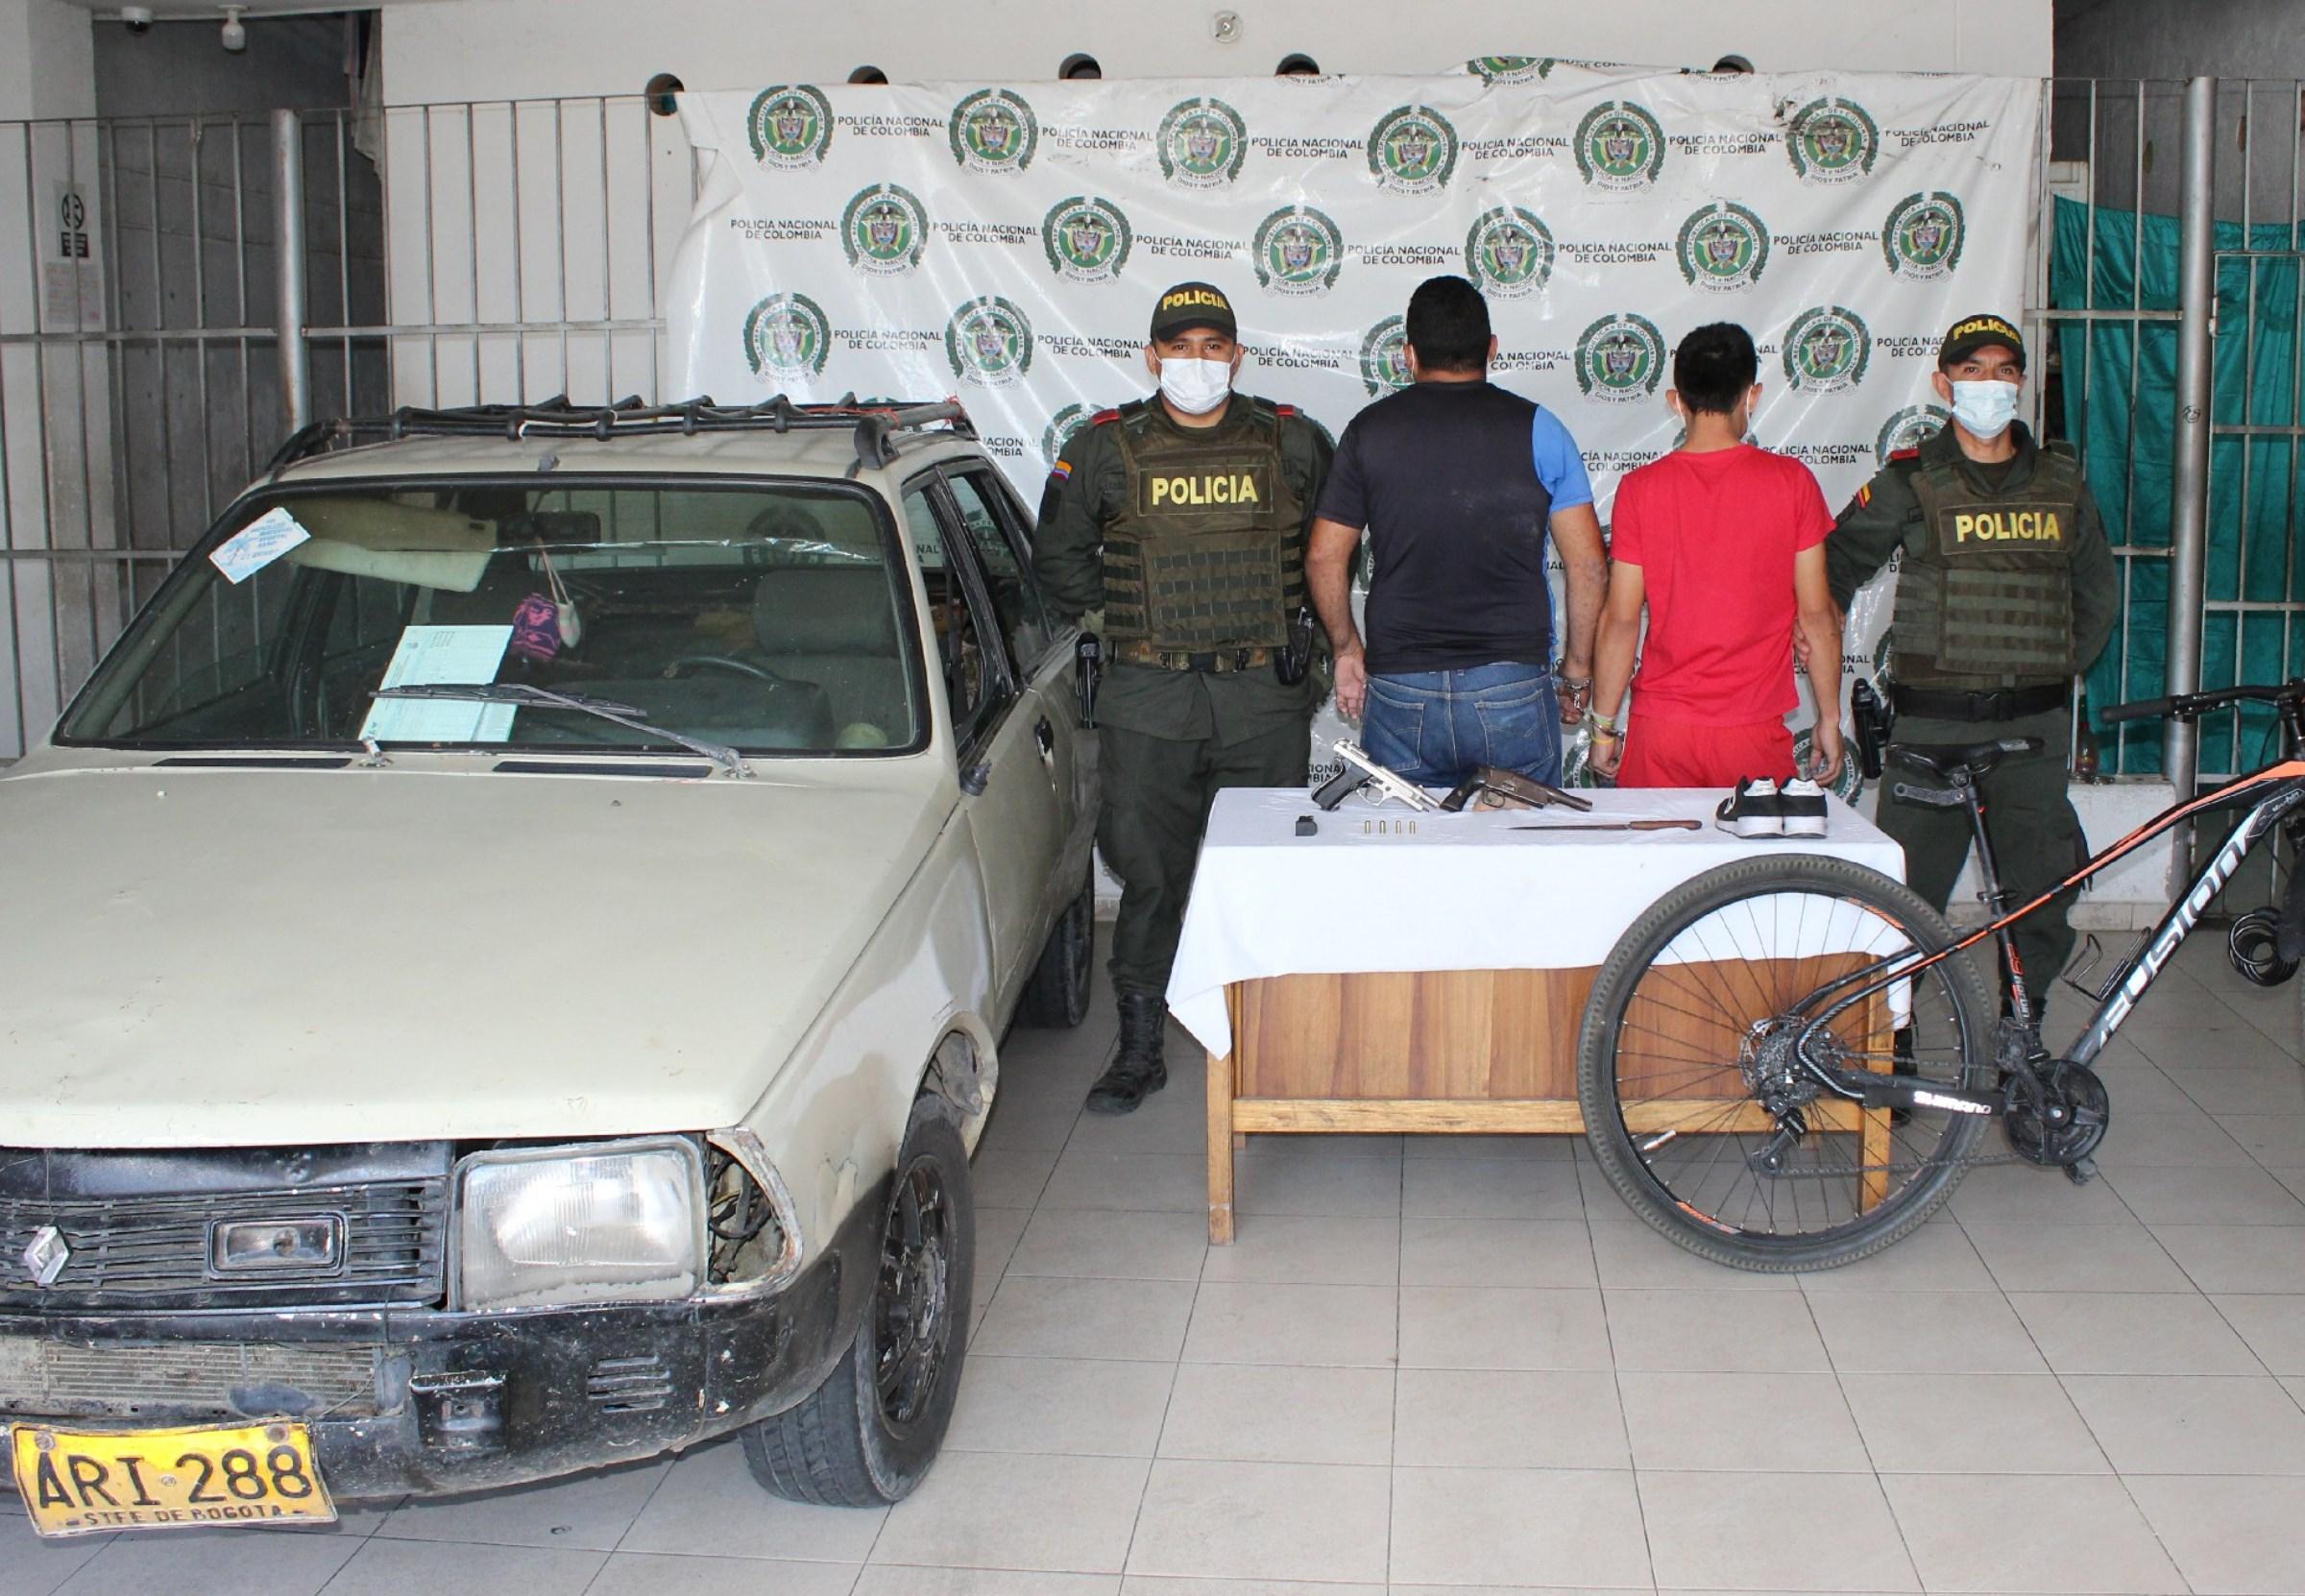 hoyennoticia.com, Entre cuatro atracaron a un ciclista en la vía Badillo-Valledupar